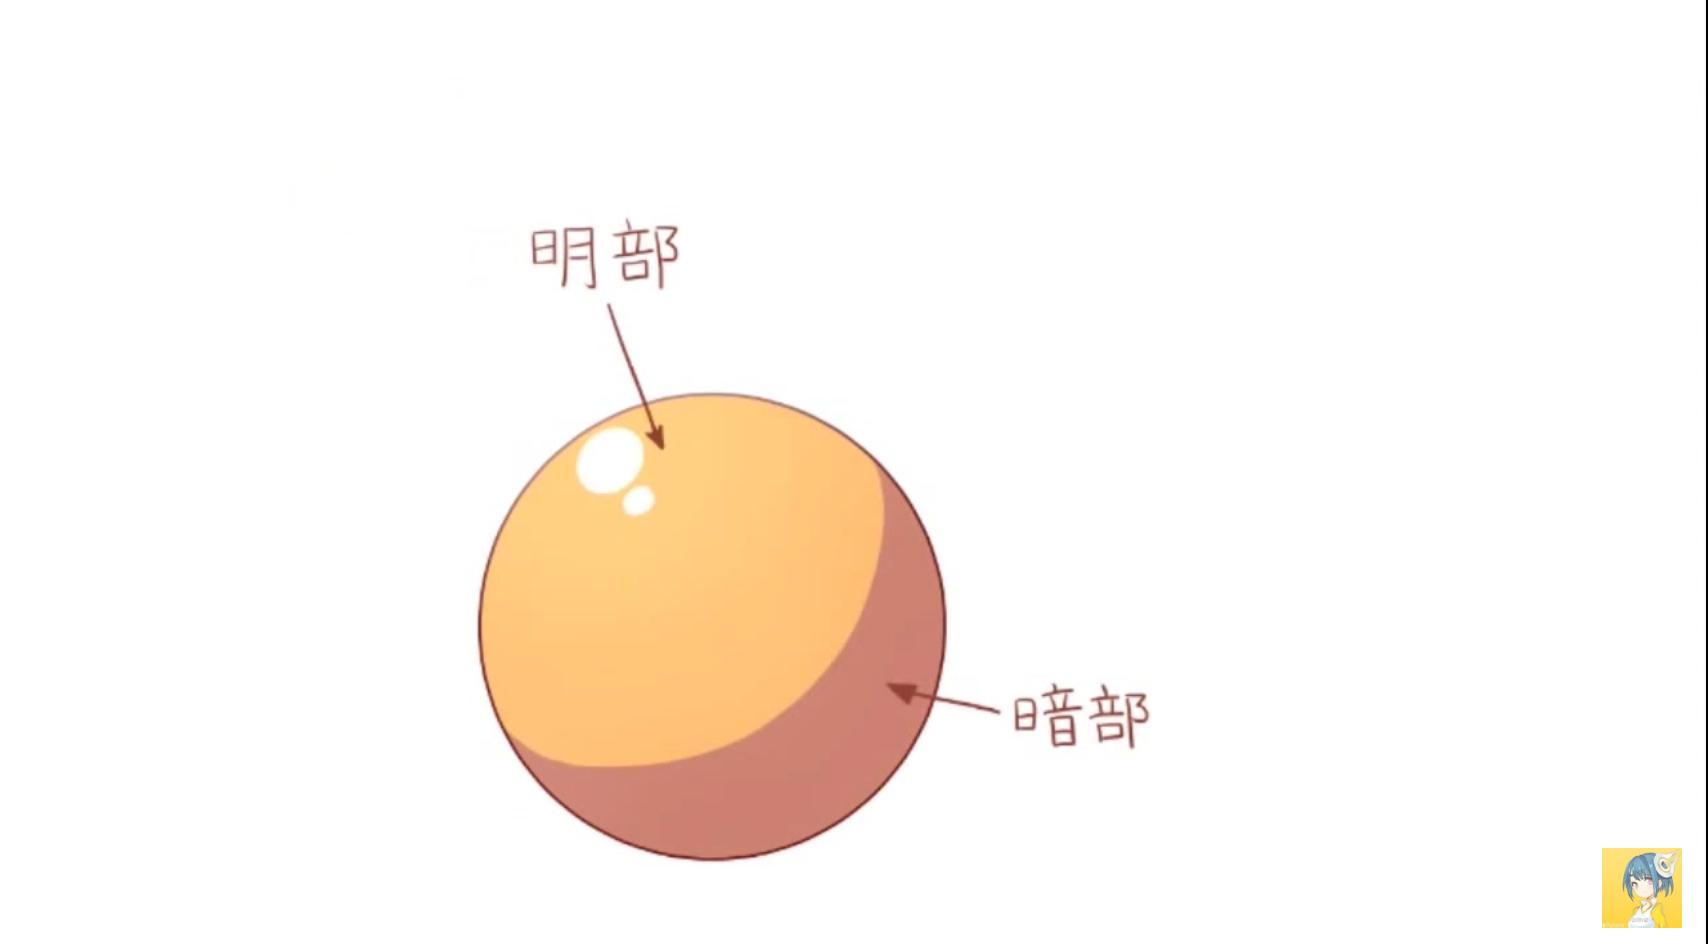 光源の位置を意識した陰影のつけ方講座by_60枚_|マンガ・イラストの描き方講座:お絵描きのPalmie(パルミー)_-_YouTube 2